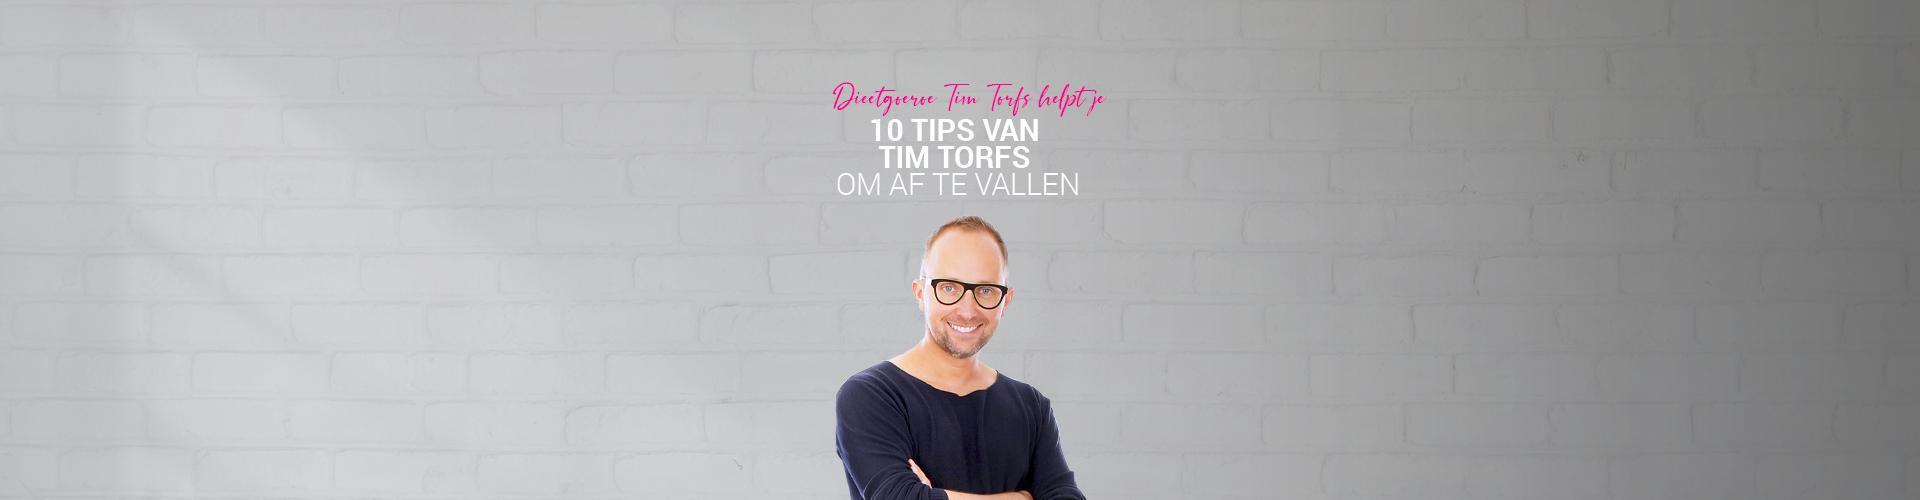 10 Tim Torfs tips om af te vallen